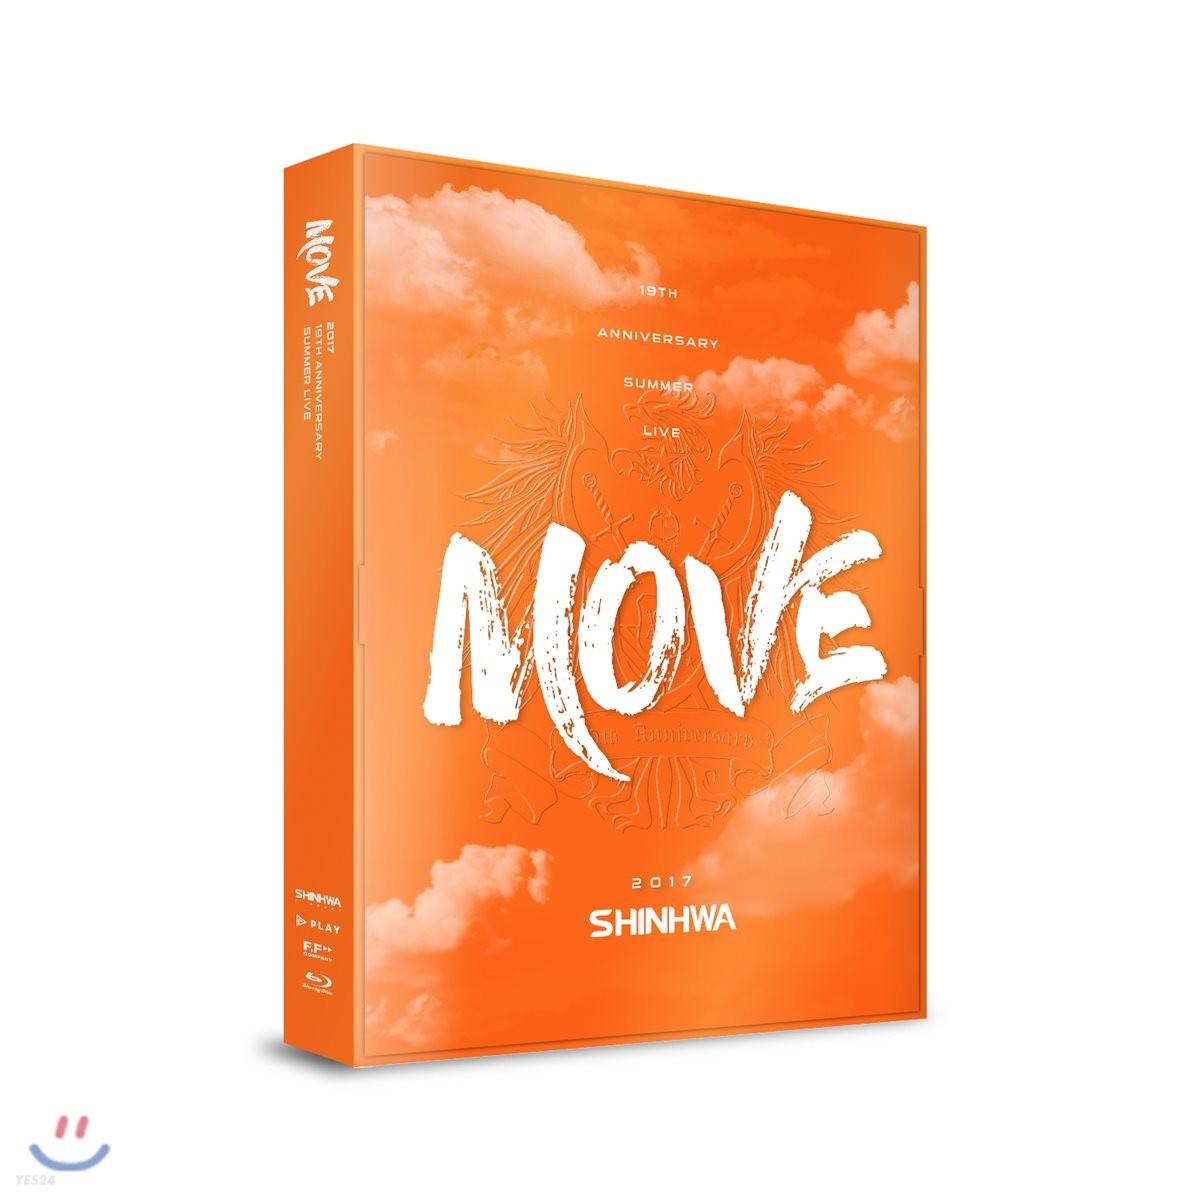 """신화 (Shinhwa) - SHINHWA 19th Anniversary Summer Live """"Move"""" Blu-ray"""